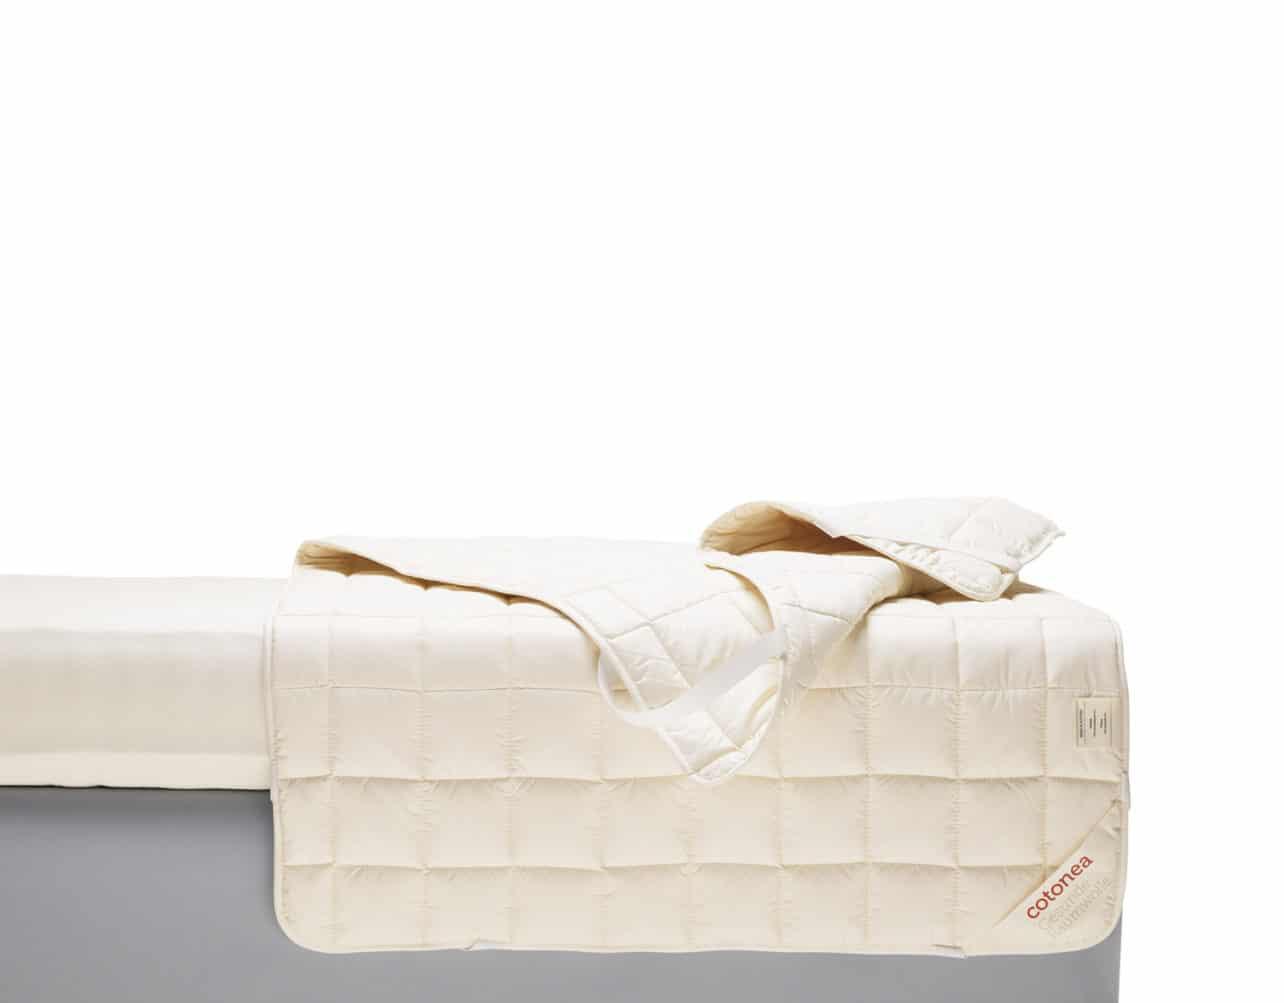 Unterbett Dilana aus Biobaumwolle, Füllung Schafschurwolle.